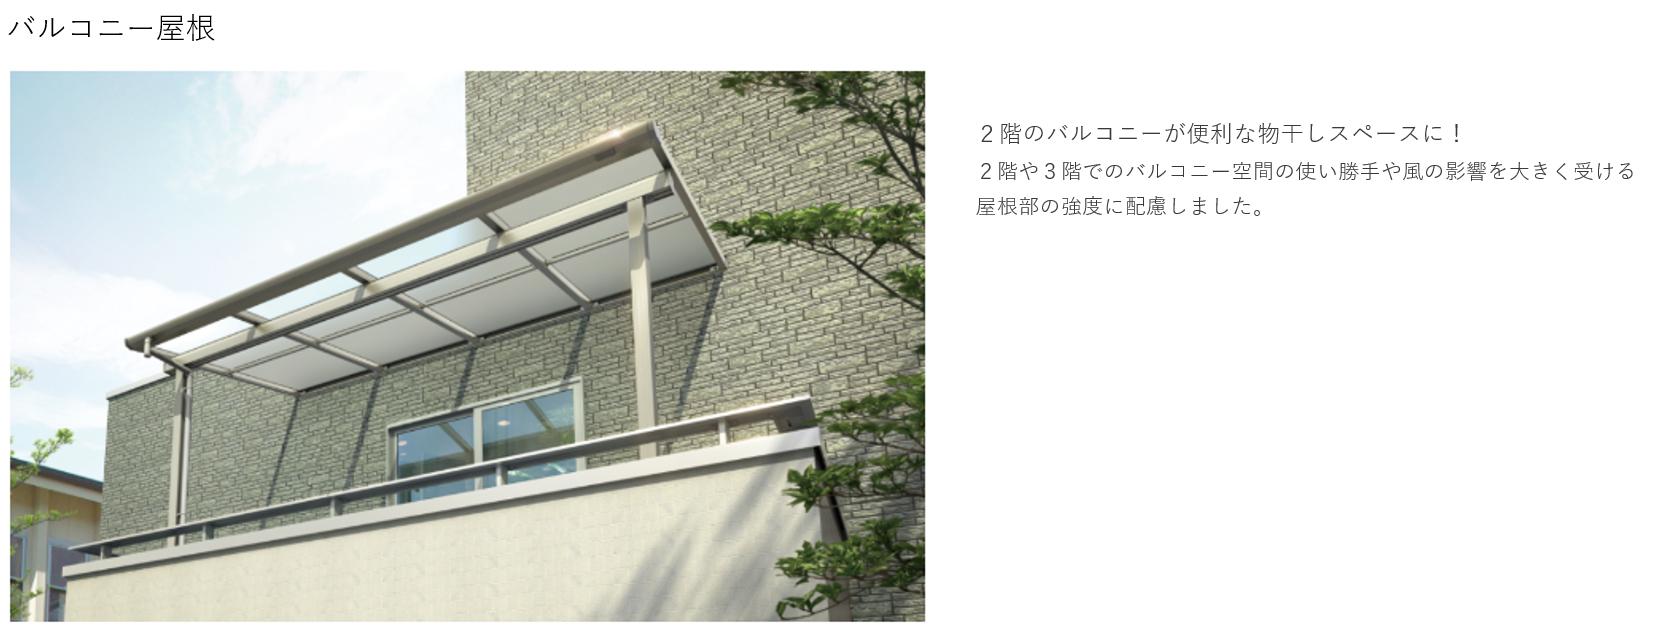 バルコニー屋根 2階のバルコニーが便利な物干しスペースに!2階や3階でのバルコニー空間の使い勝手や風の影響を大きく受ける屋根部の強度に配慮しました。